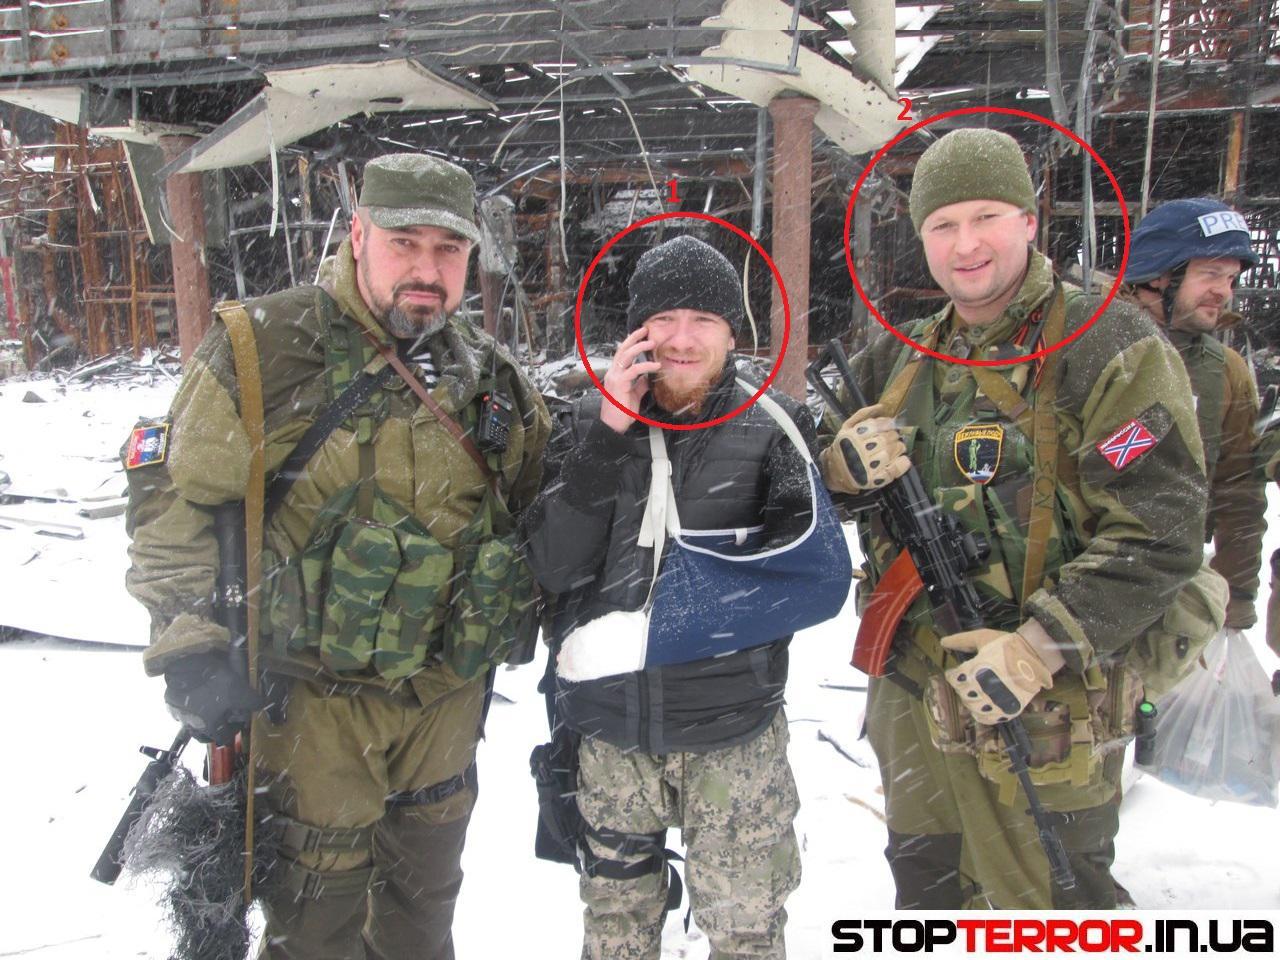 10 российских оккупантов уничтожены на Донбассе, 26 ранены, - Минобороны Украины - Цензор.НЕТ 7294